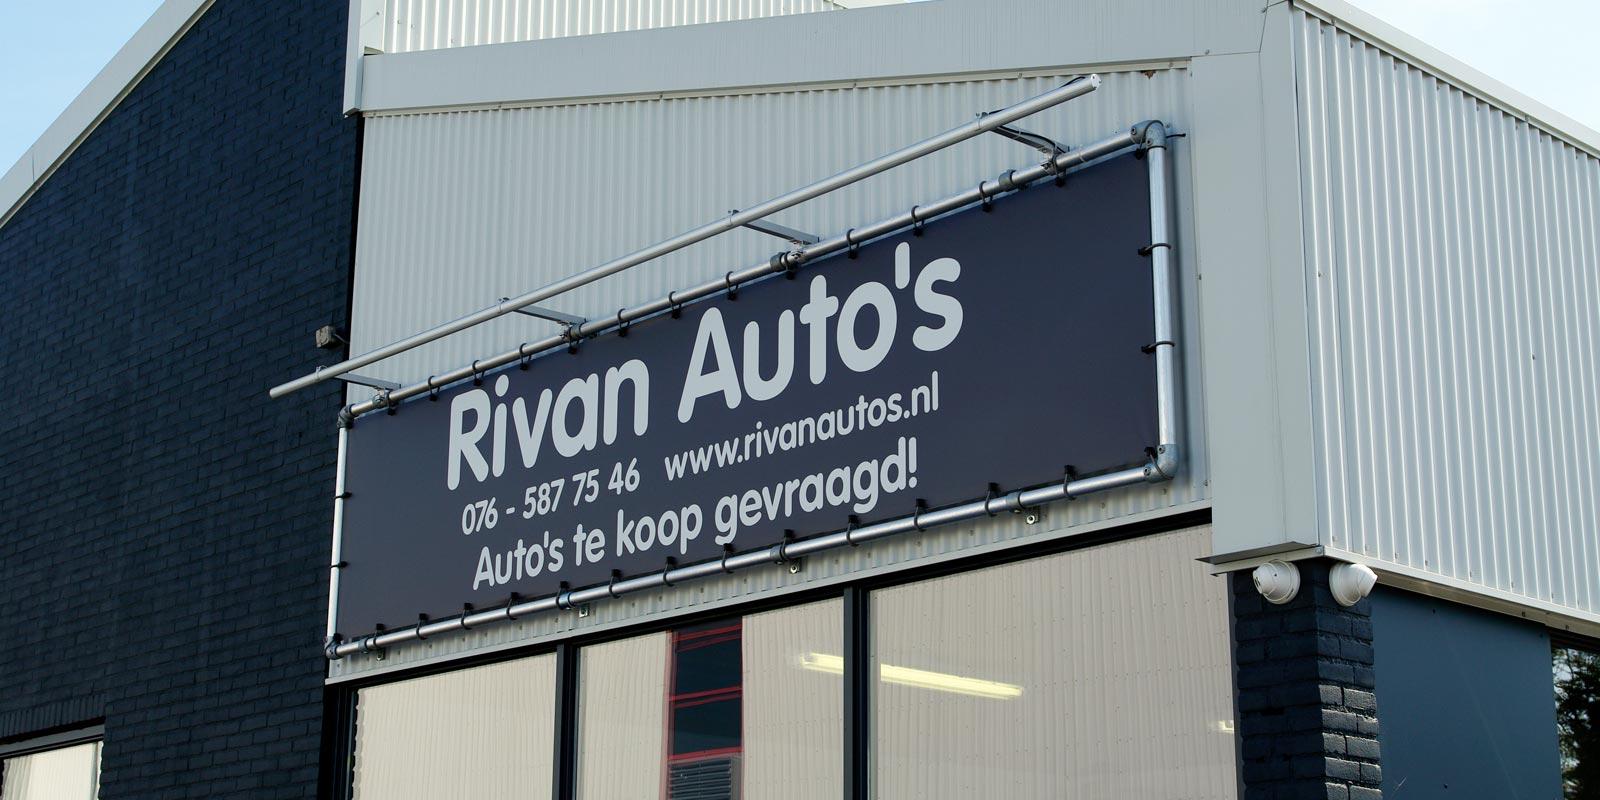 Rivan Auto's Breda